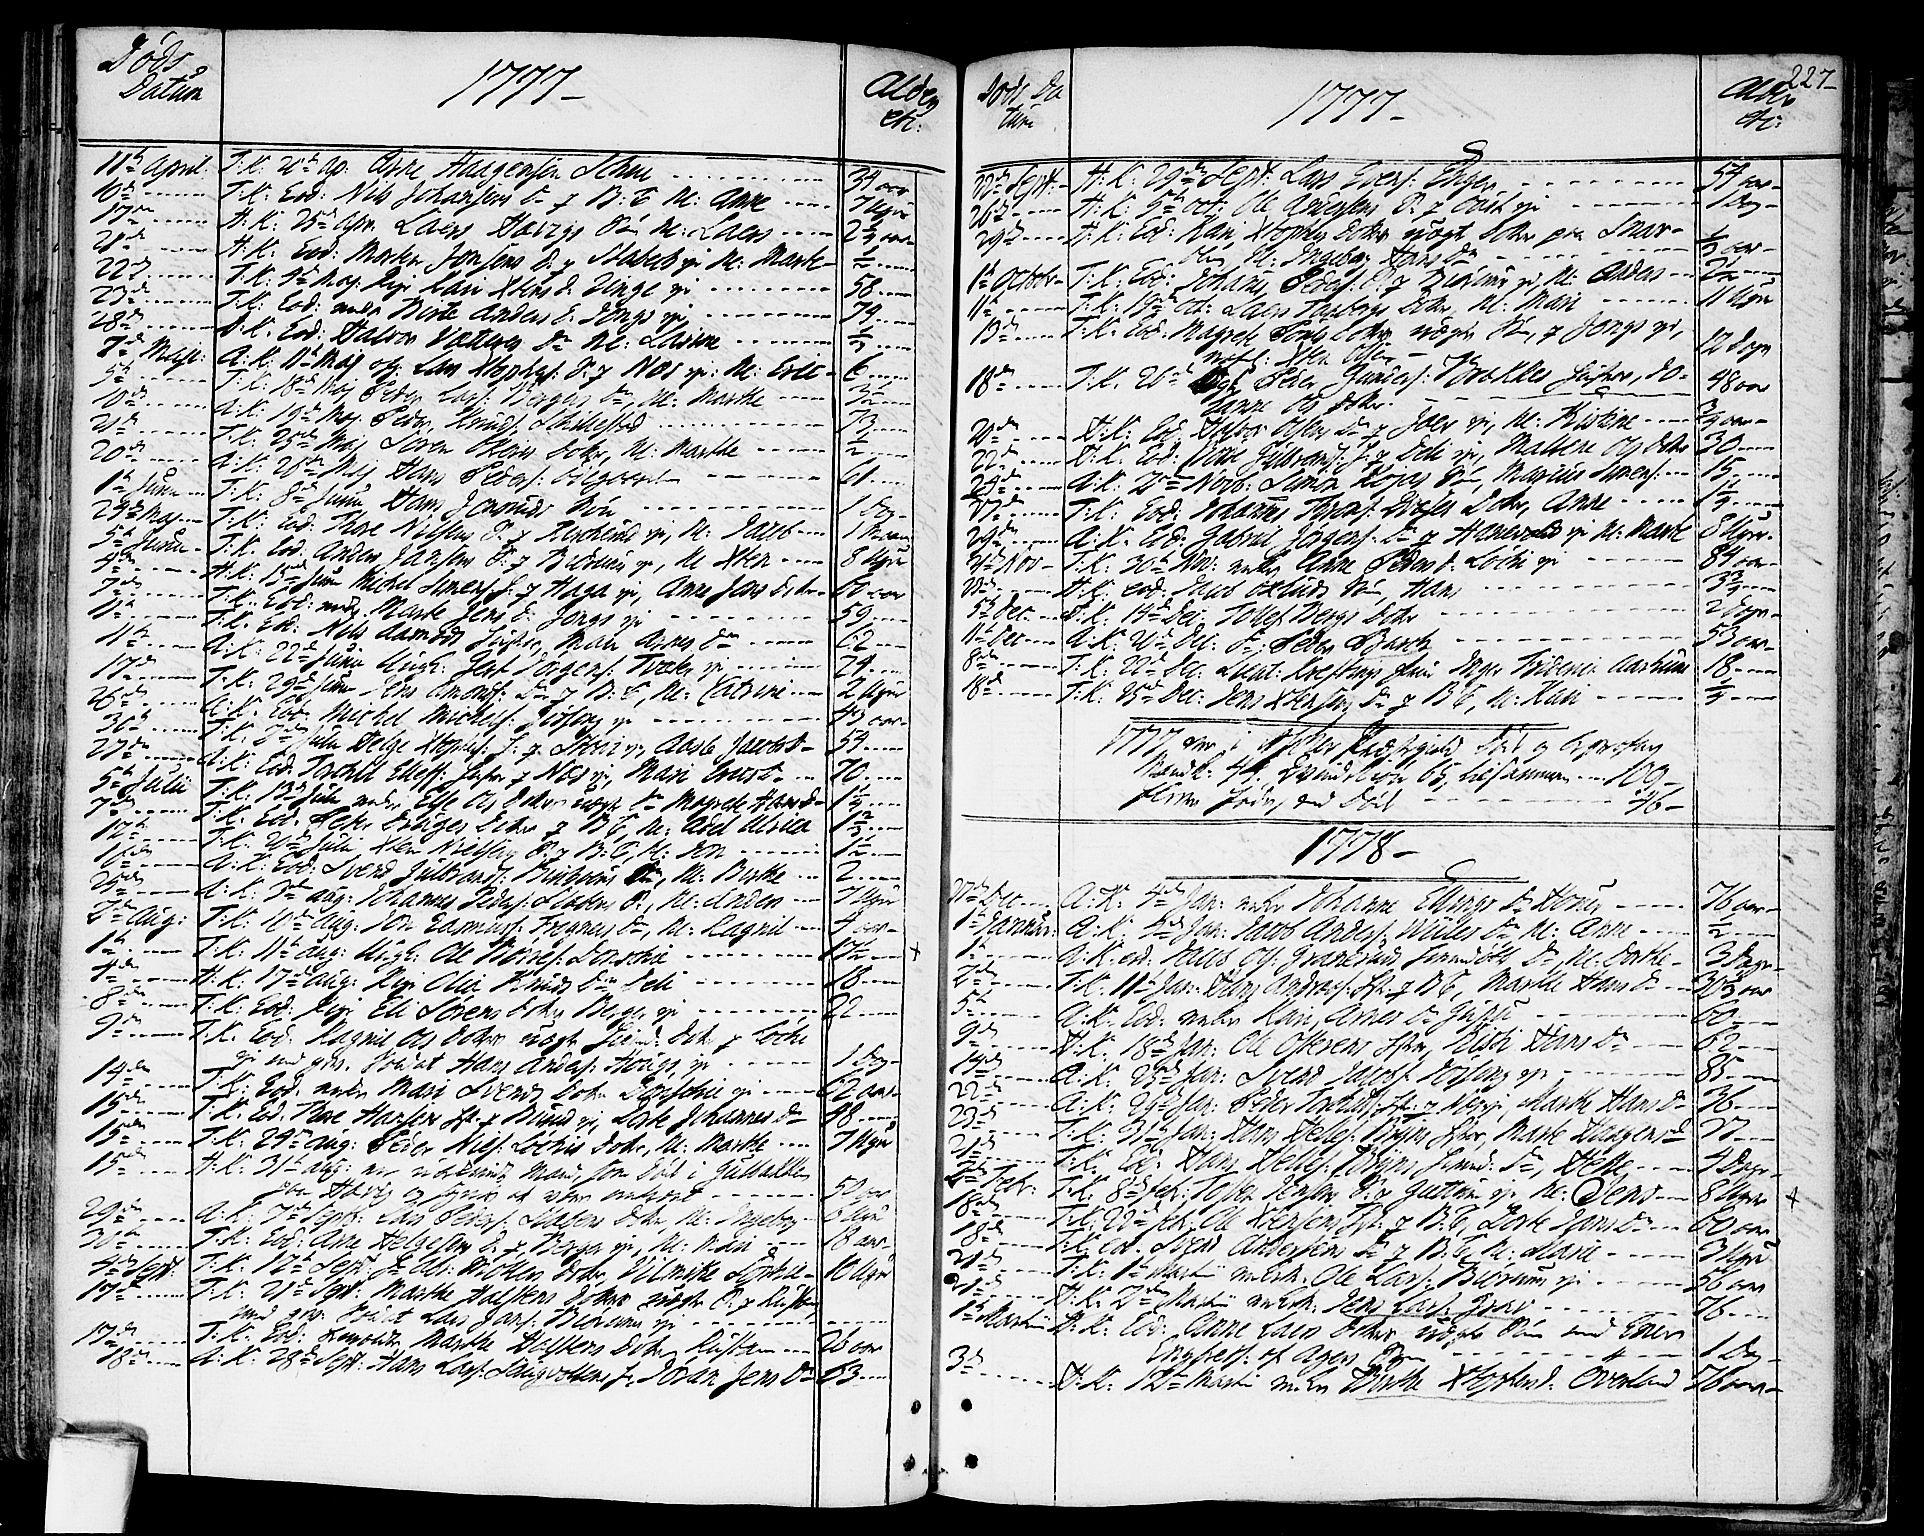 SAO, Asker prestekontor Kirkebøker, F/Fa/L0003: Ministerialbok nr. I 3, 1767-1807, s. 227